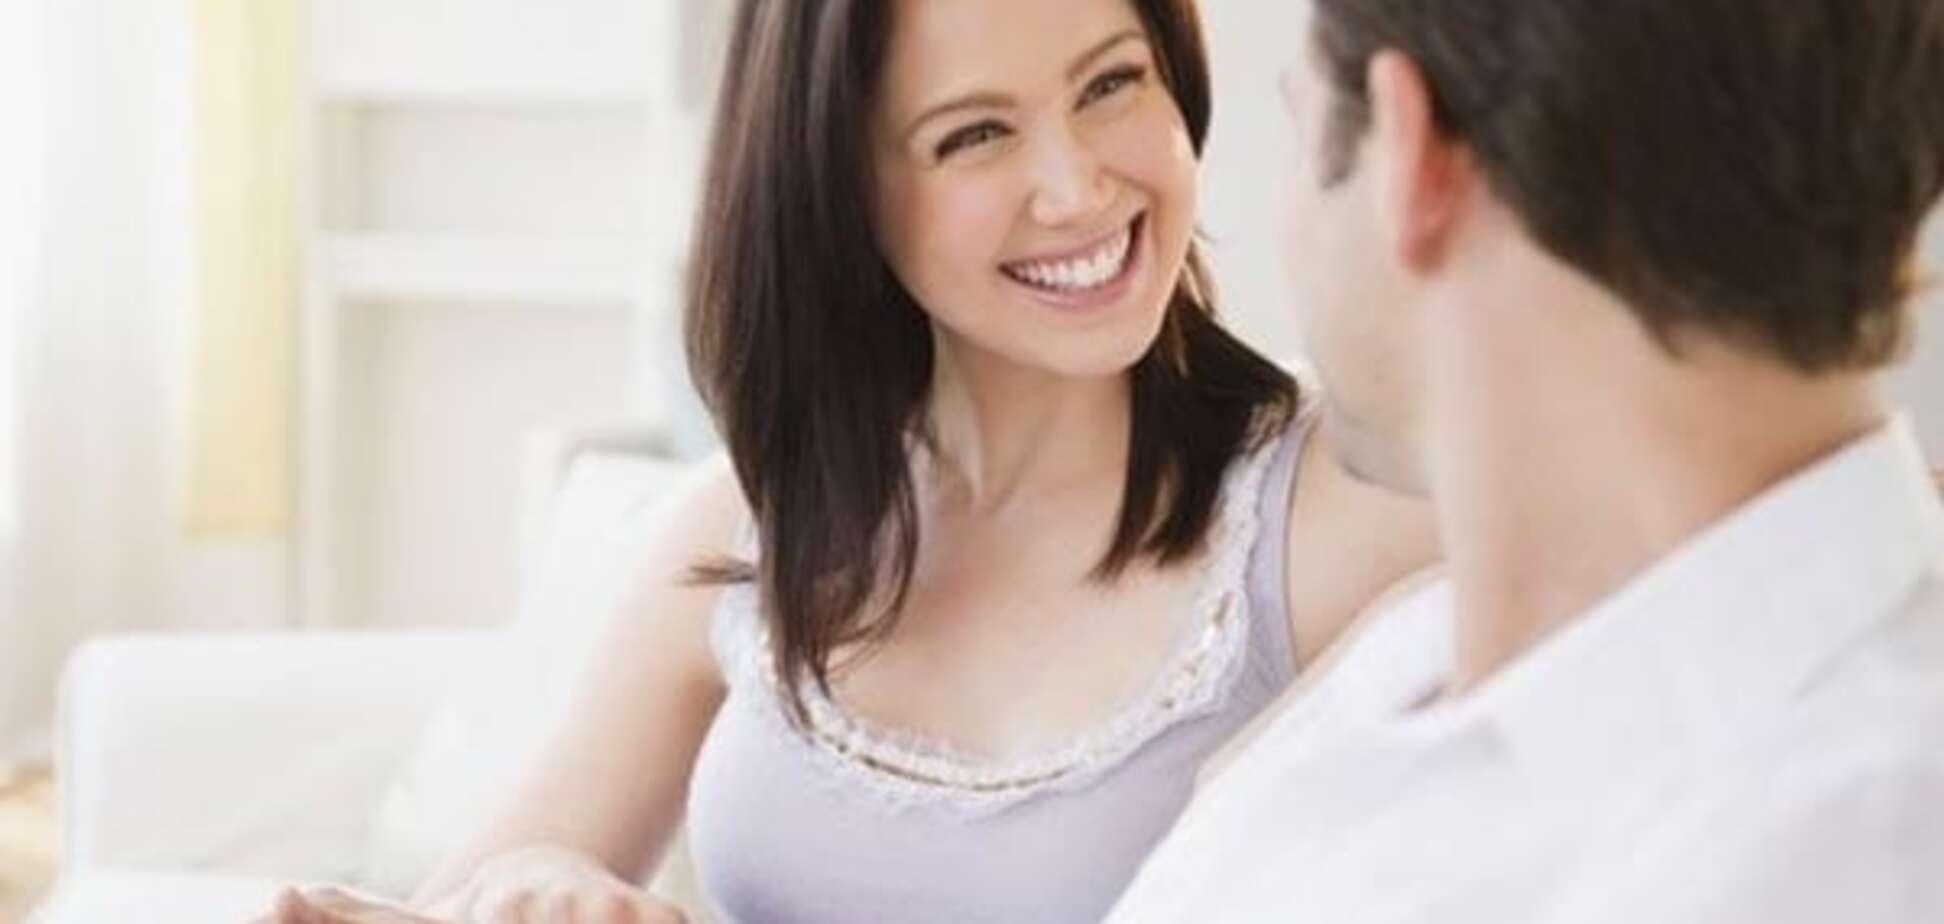 Інтимне знайомство: що важливо дізнатися один про одного до весілля